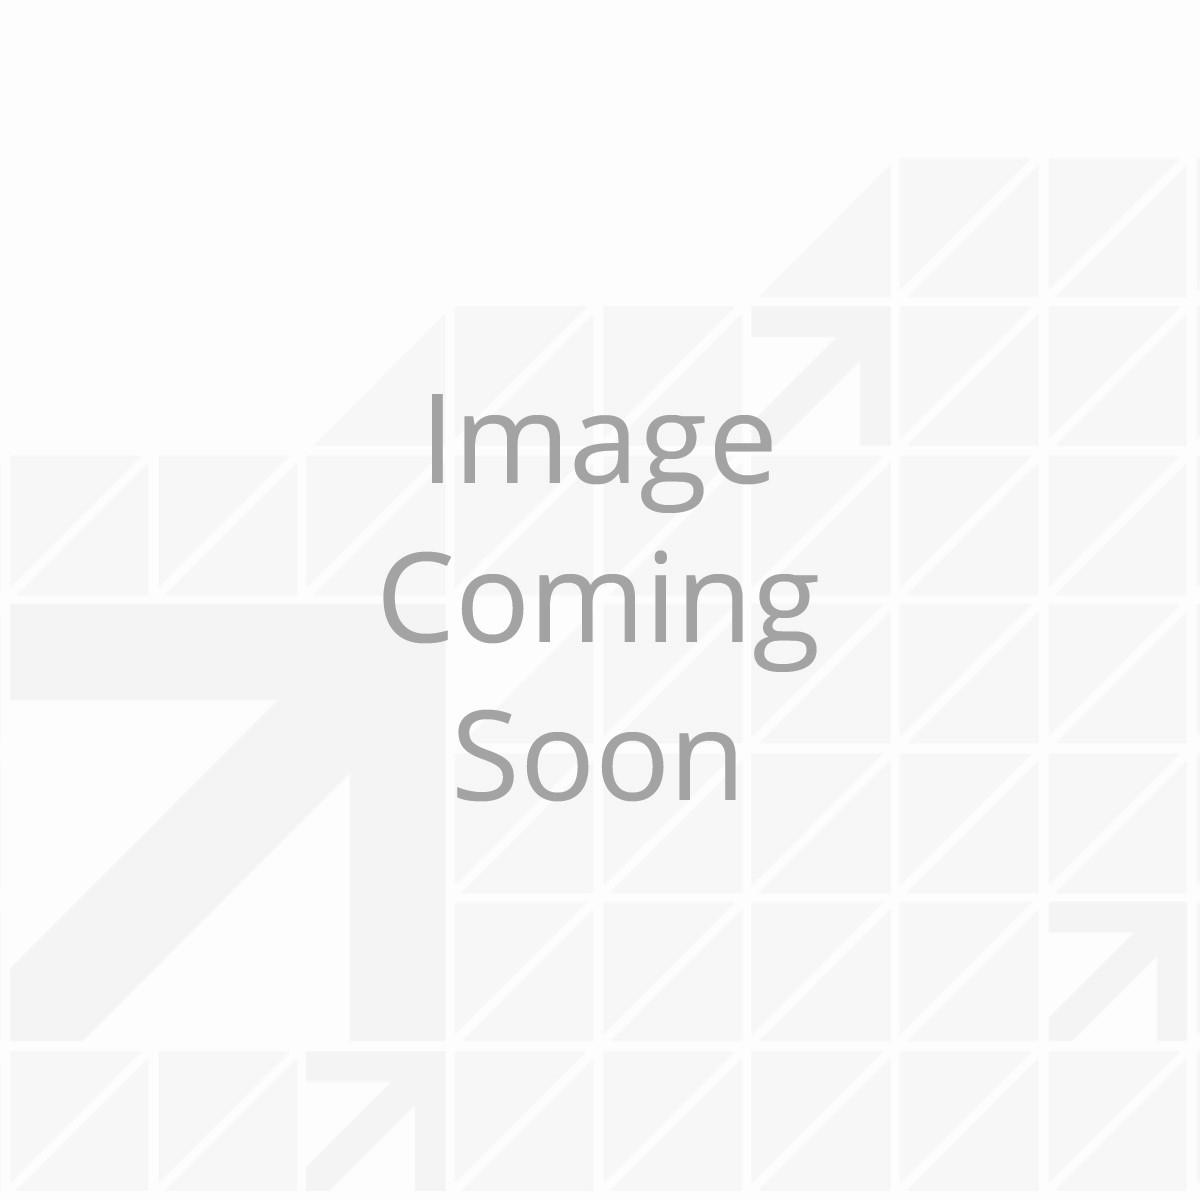 119072 - Flange Nut